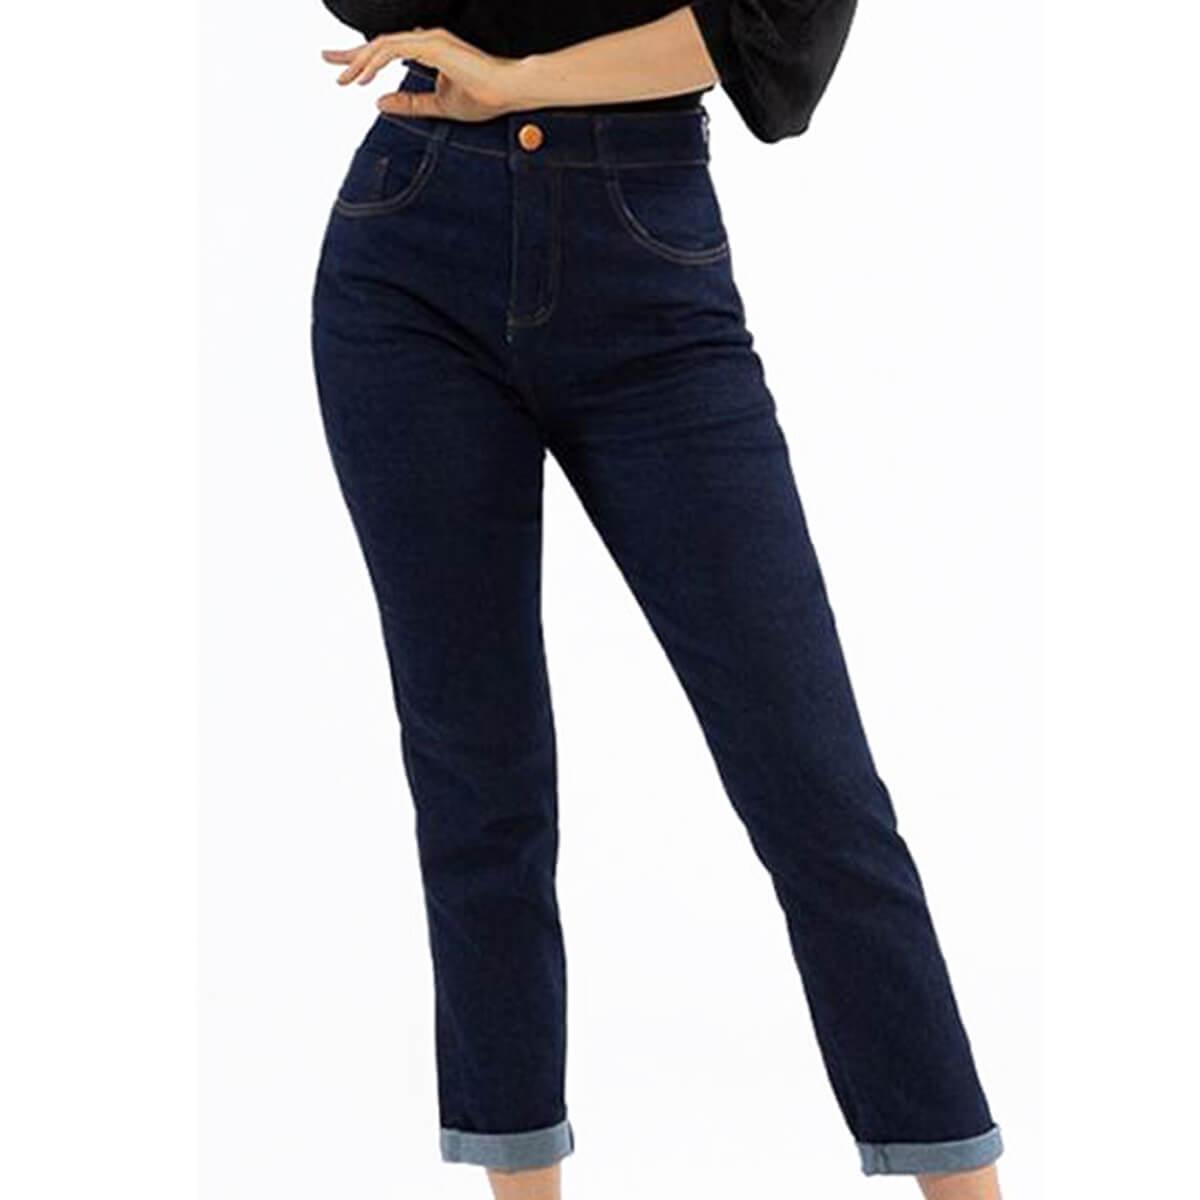 Calça Jeans Feminina Acinturada Mom